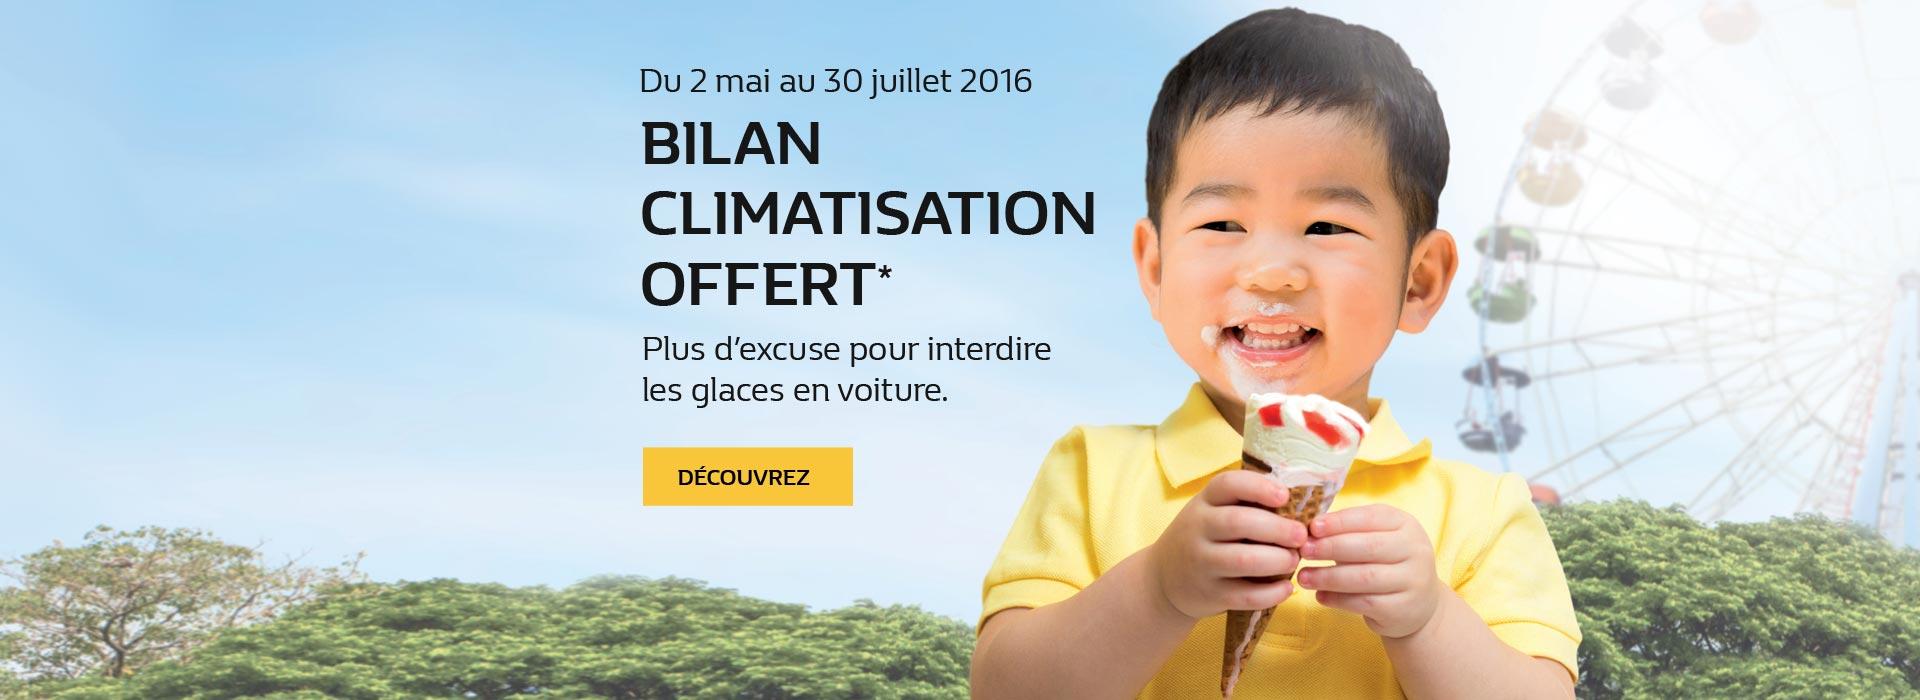 Bilan Climatisation